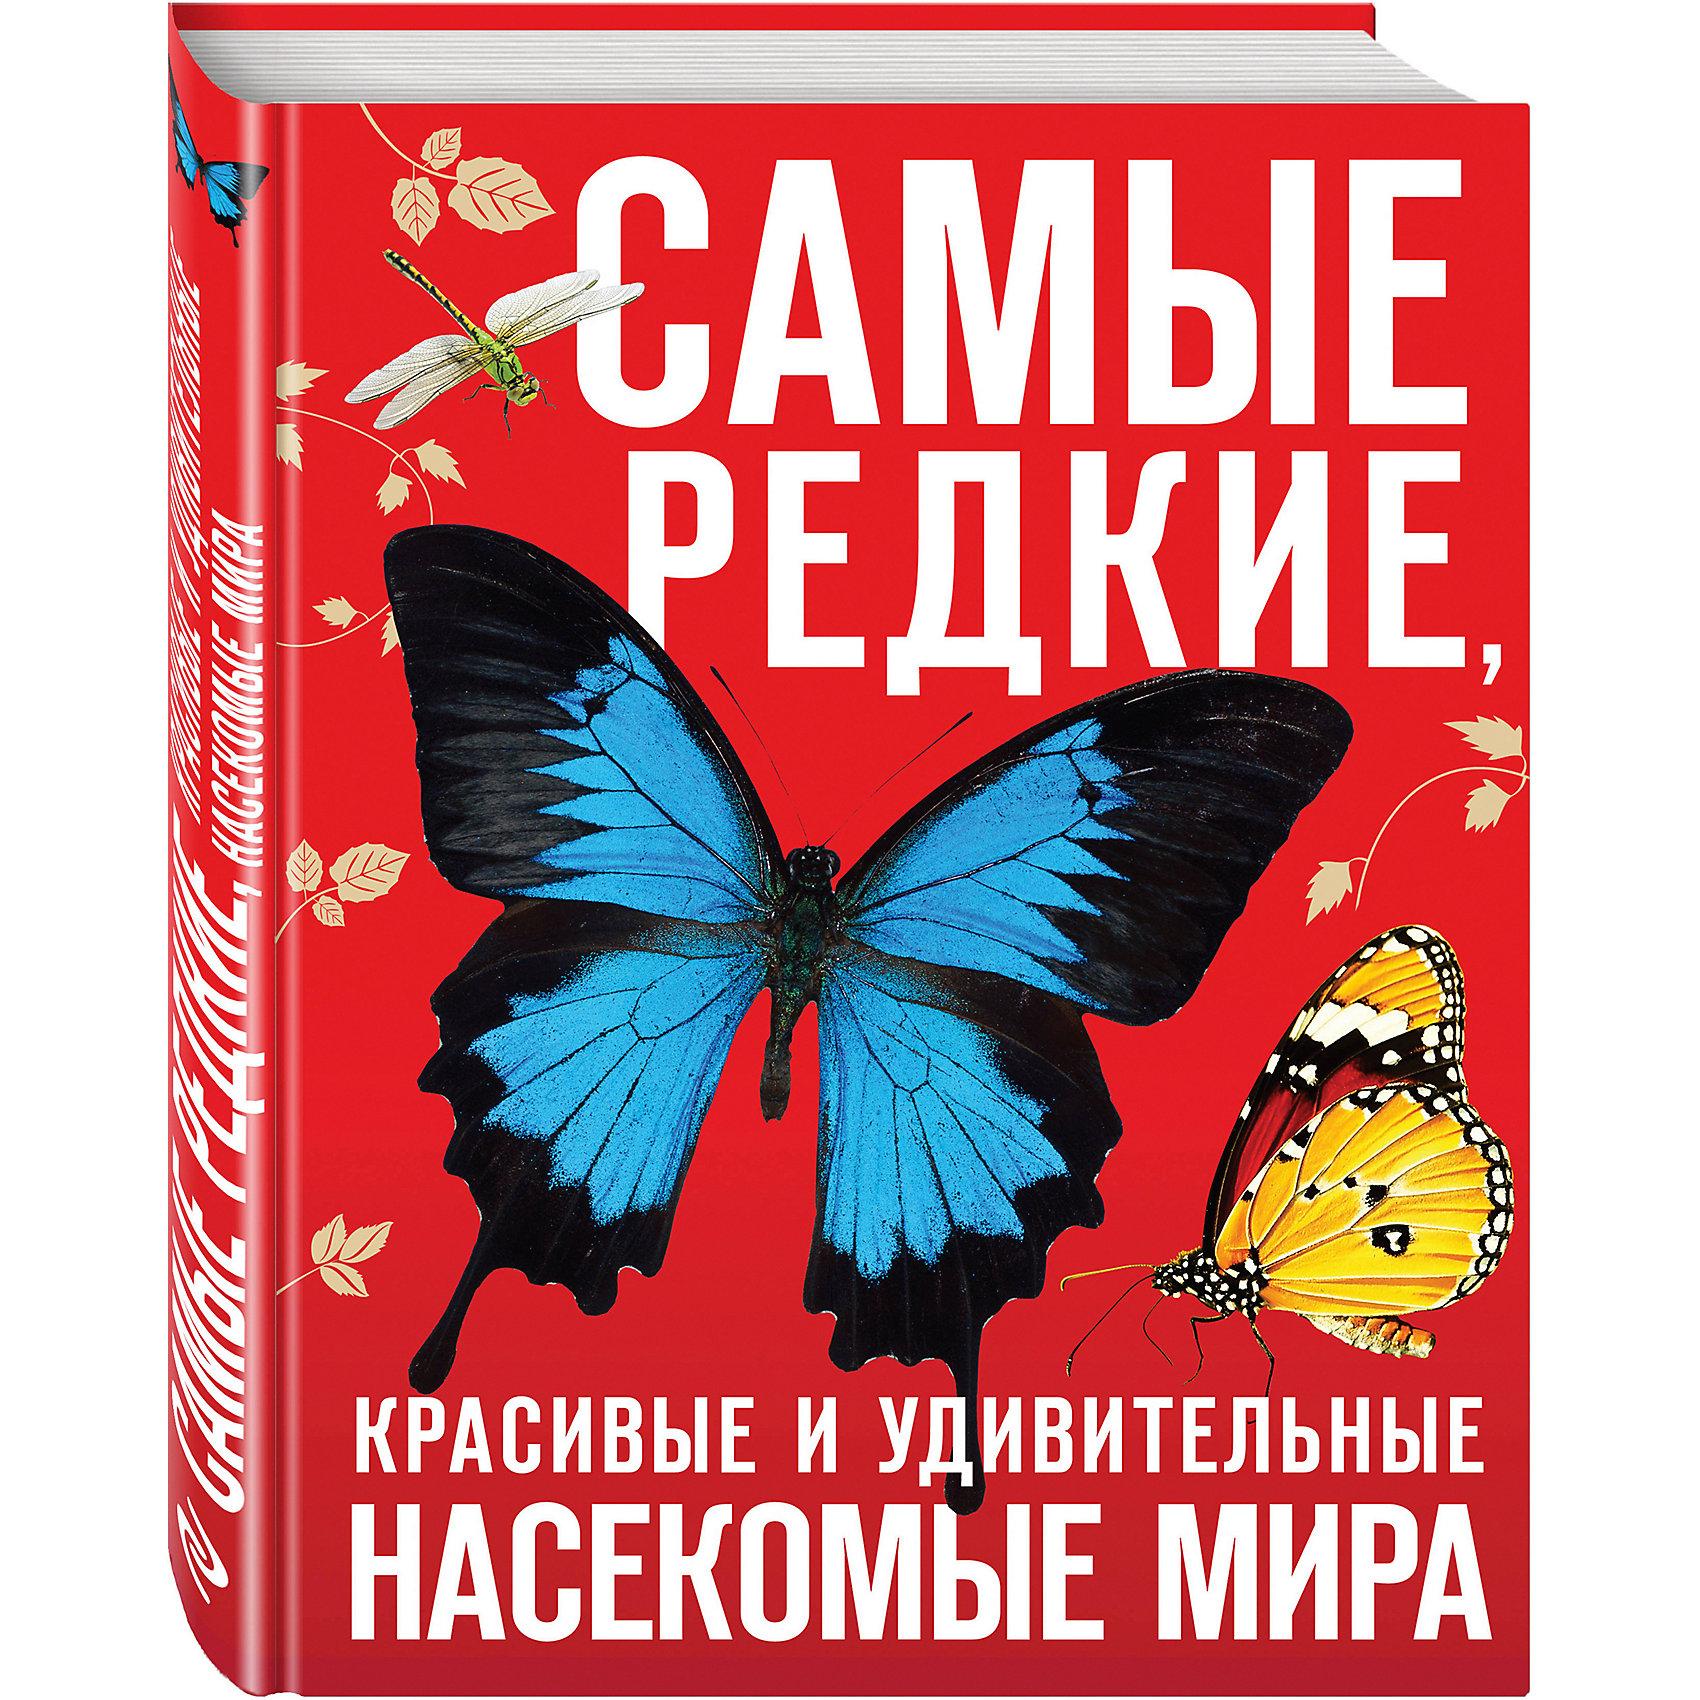 Самые редкие, красивые и удивительные насекомые мираЭнциклопедии о животных<br>Характеристики товара: <br><br>• ISBN: 9785699837434<br>• возраст от: 8 лет<br>• формат: 84x108/16<br>• бумага: мелованная<br>• обложка: твердая<br>• серия: Красная книга<br>• издательство: Эксмо-Пресс<br>• иллюстрации: цветные<br>• автор: Лукашанец Дмитрий Александрович<br>• количество страниц: 256<br>• размеры: 20x26 см<br><br>Издание «Самые редкие, красивые и удивительные насекомые мира» - это сборник изображений и описаний необычных насекомых. <br><br>Яркие изображения, интересные факты, доступный язык - всё это поможет узнать много нового о своей планете и её обитателях и детям и взрослым.<br><br>Книгу «Самые редкие, красивые и удивительные насекомые мира» можно купить в нашем интернет-магазине.<br><br>Ширина мм: 255<br>Глубина мм: 197<br>Высота мм: 20<br>Вес г: 1090<br>Возраст от месяцев: 192<br>Возраст до месяцев: 2147483647<br>Пол: Унисекс<br>Возраст: Детский<br>SKU: 5535530